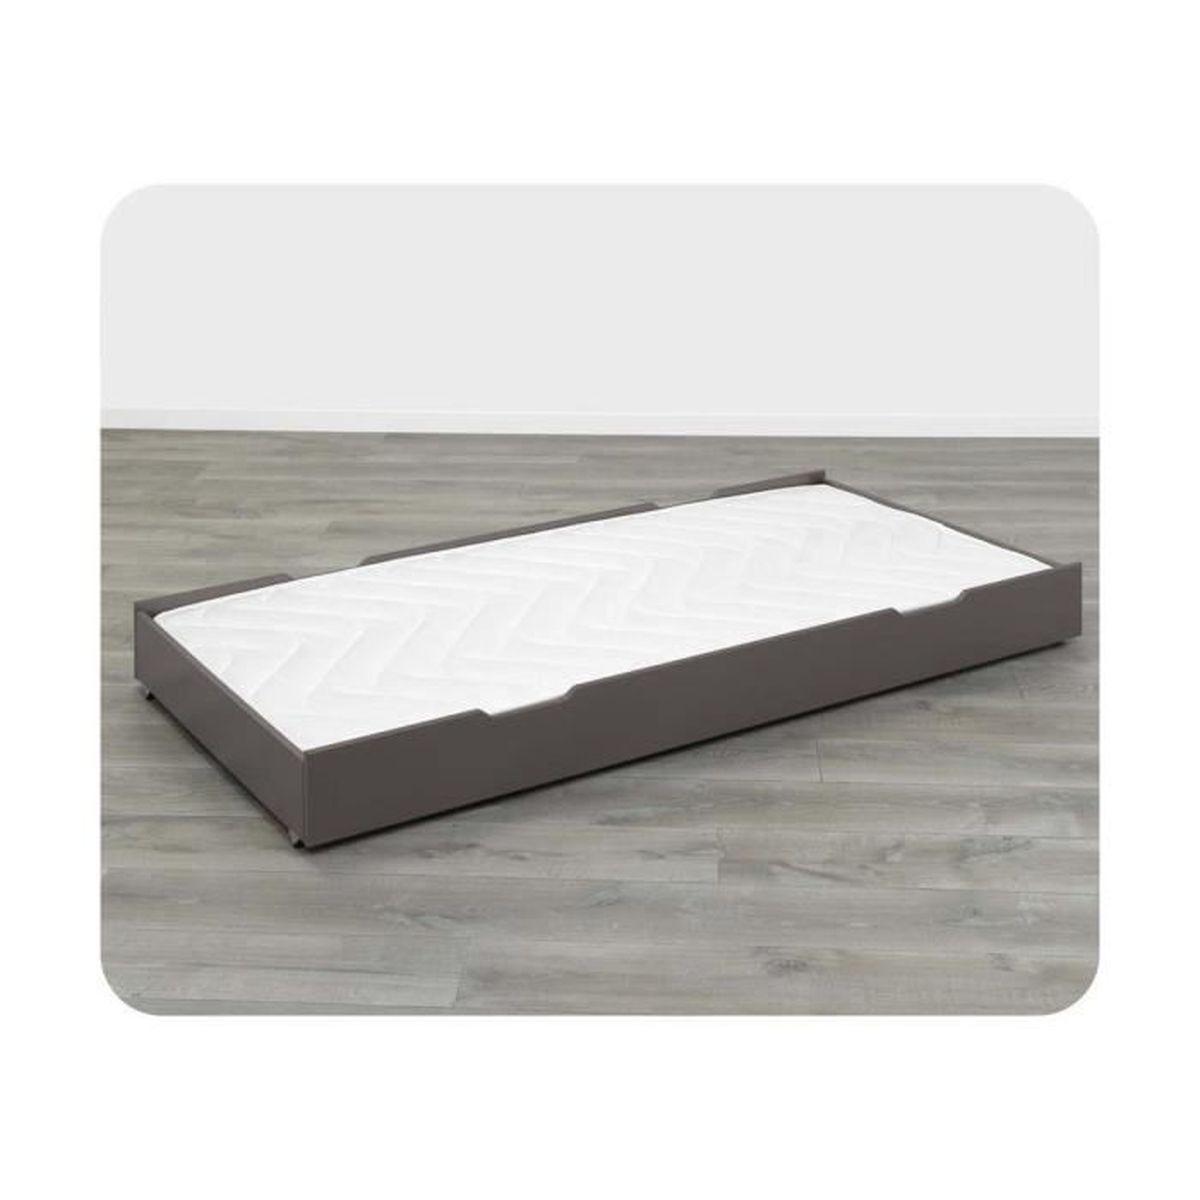 tiroir de lit eco bio 90x190 cm taupe achat vente. Black Bedroom Furniture Sets. Home Design Ideas